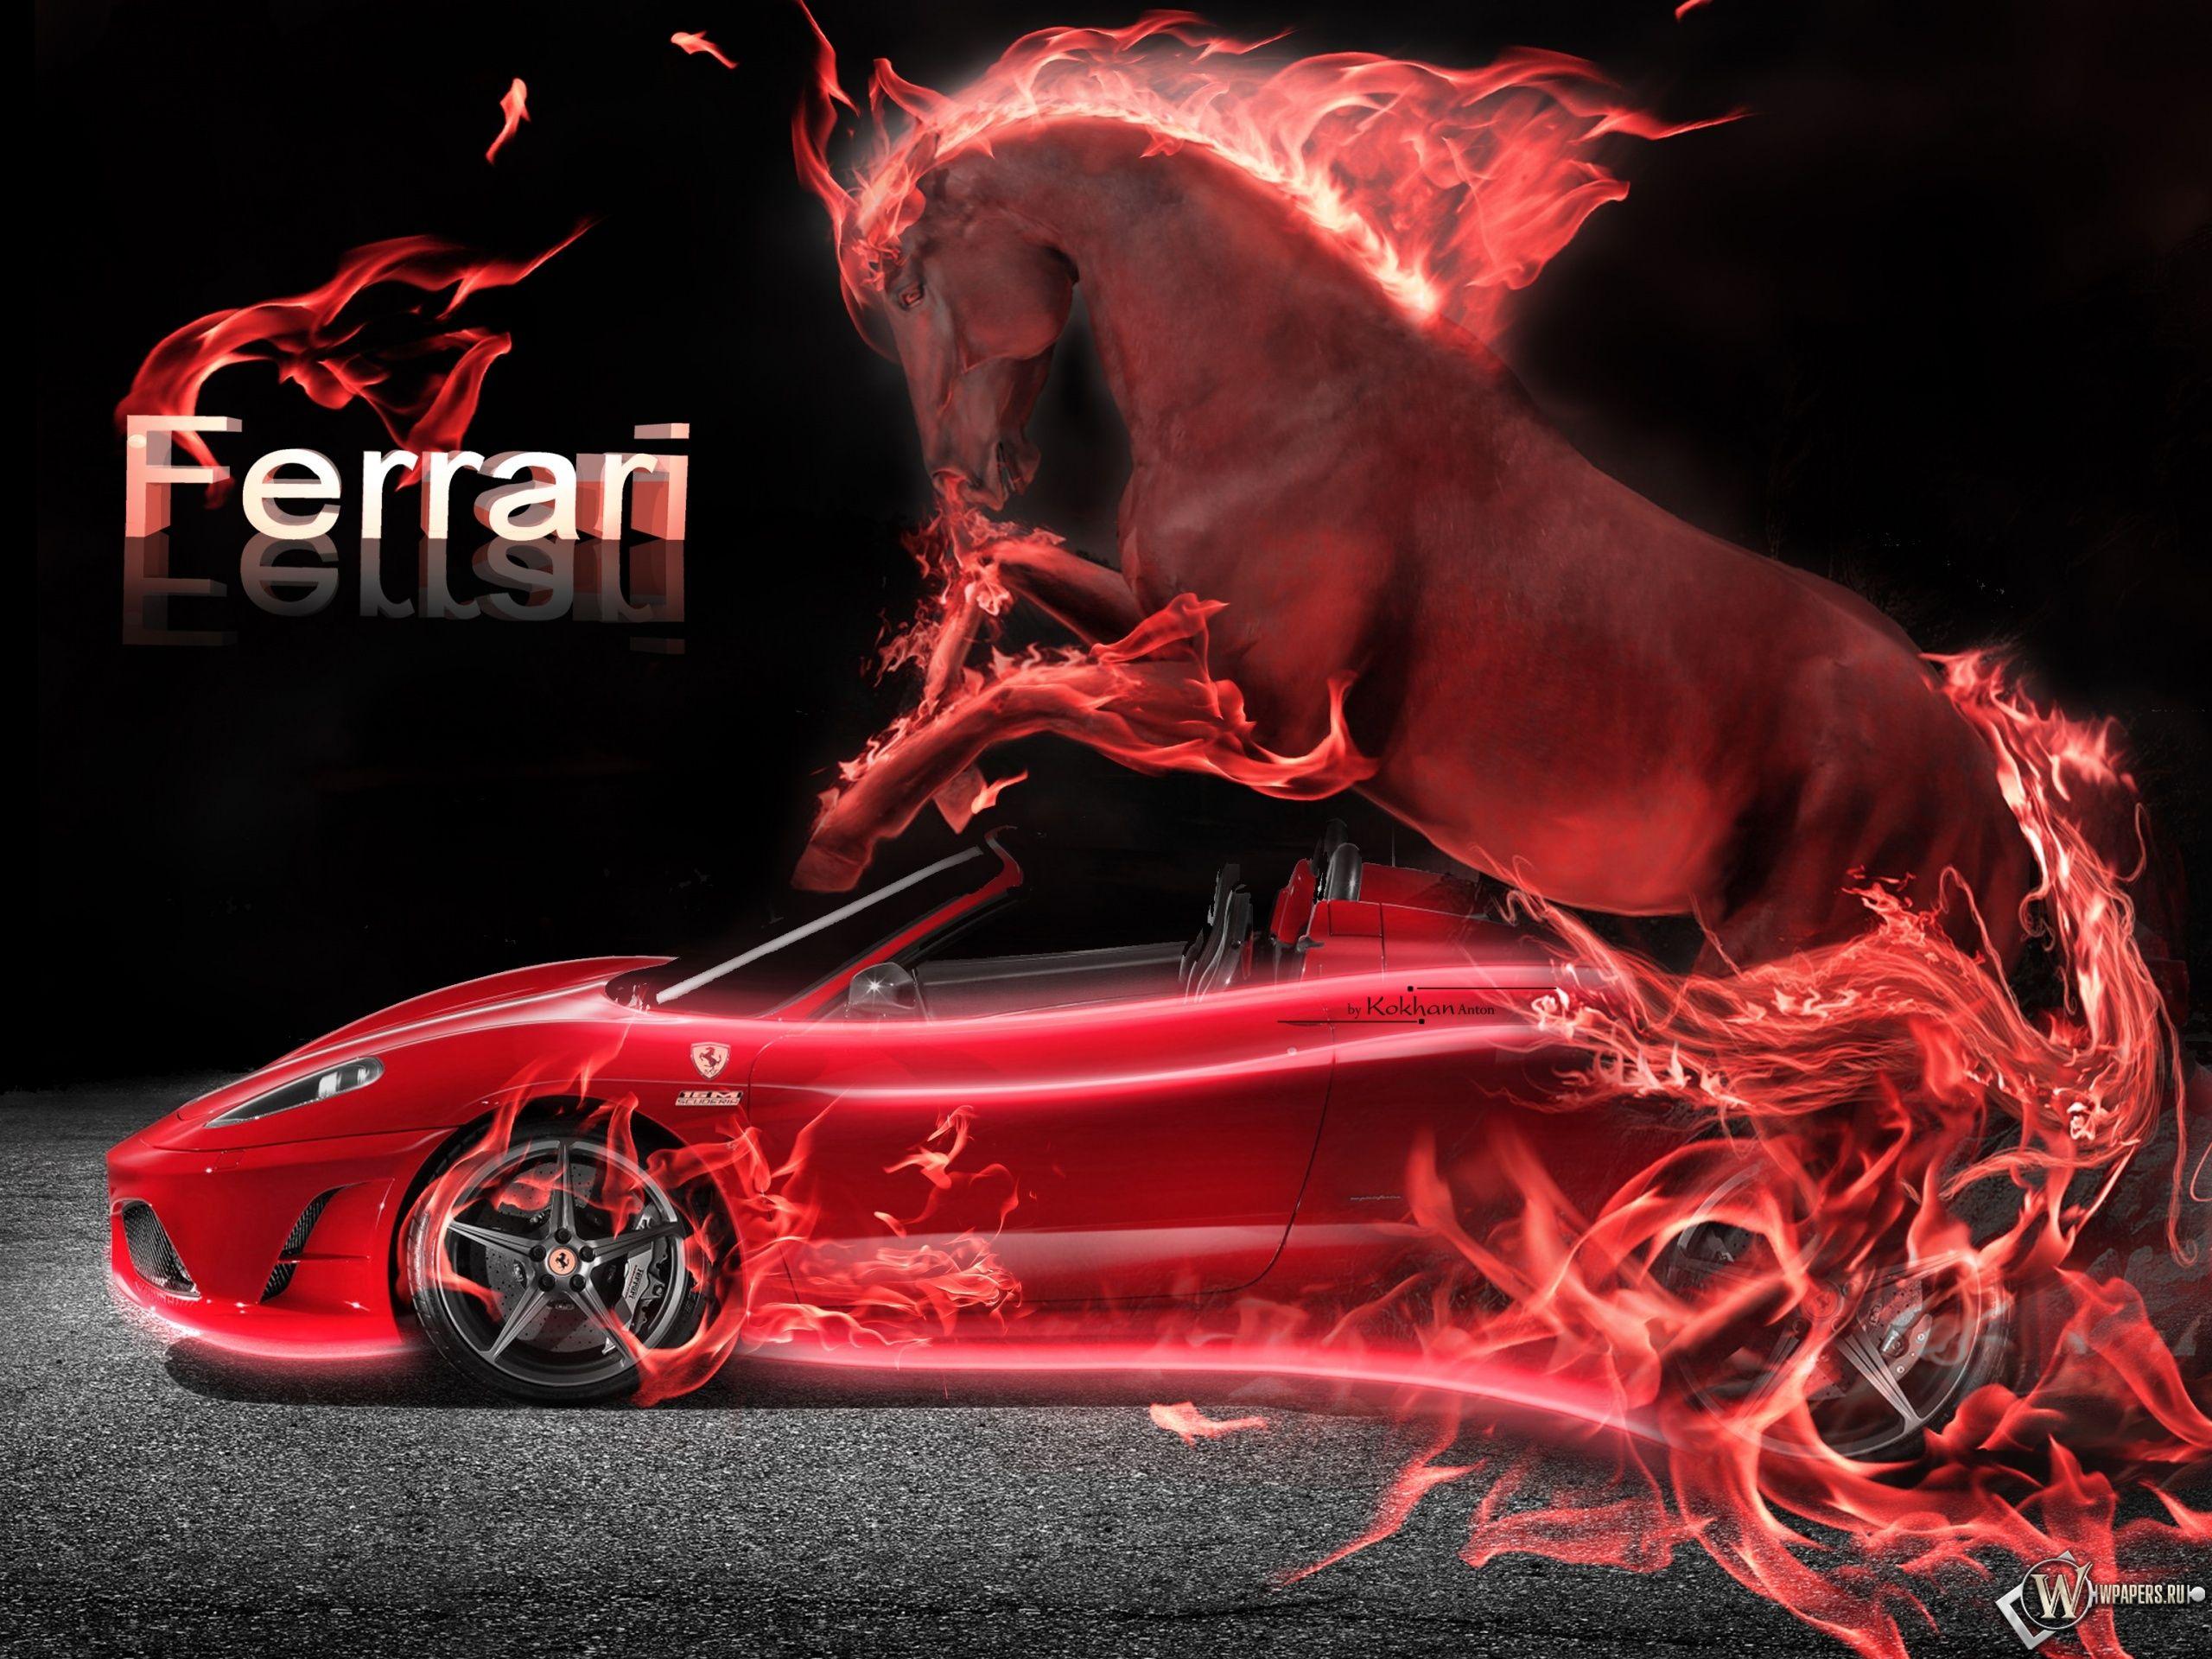 Neon Ferrari Neon Fire Ferrari Red Horse Wheelbarrow Cars Cool Supercars Ferrari Super Cars